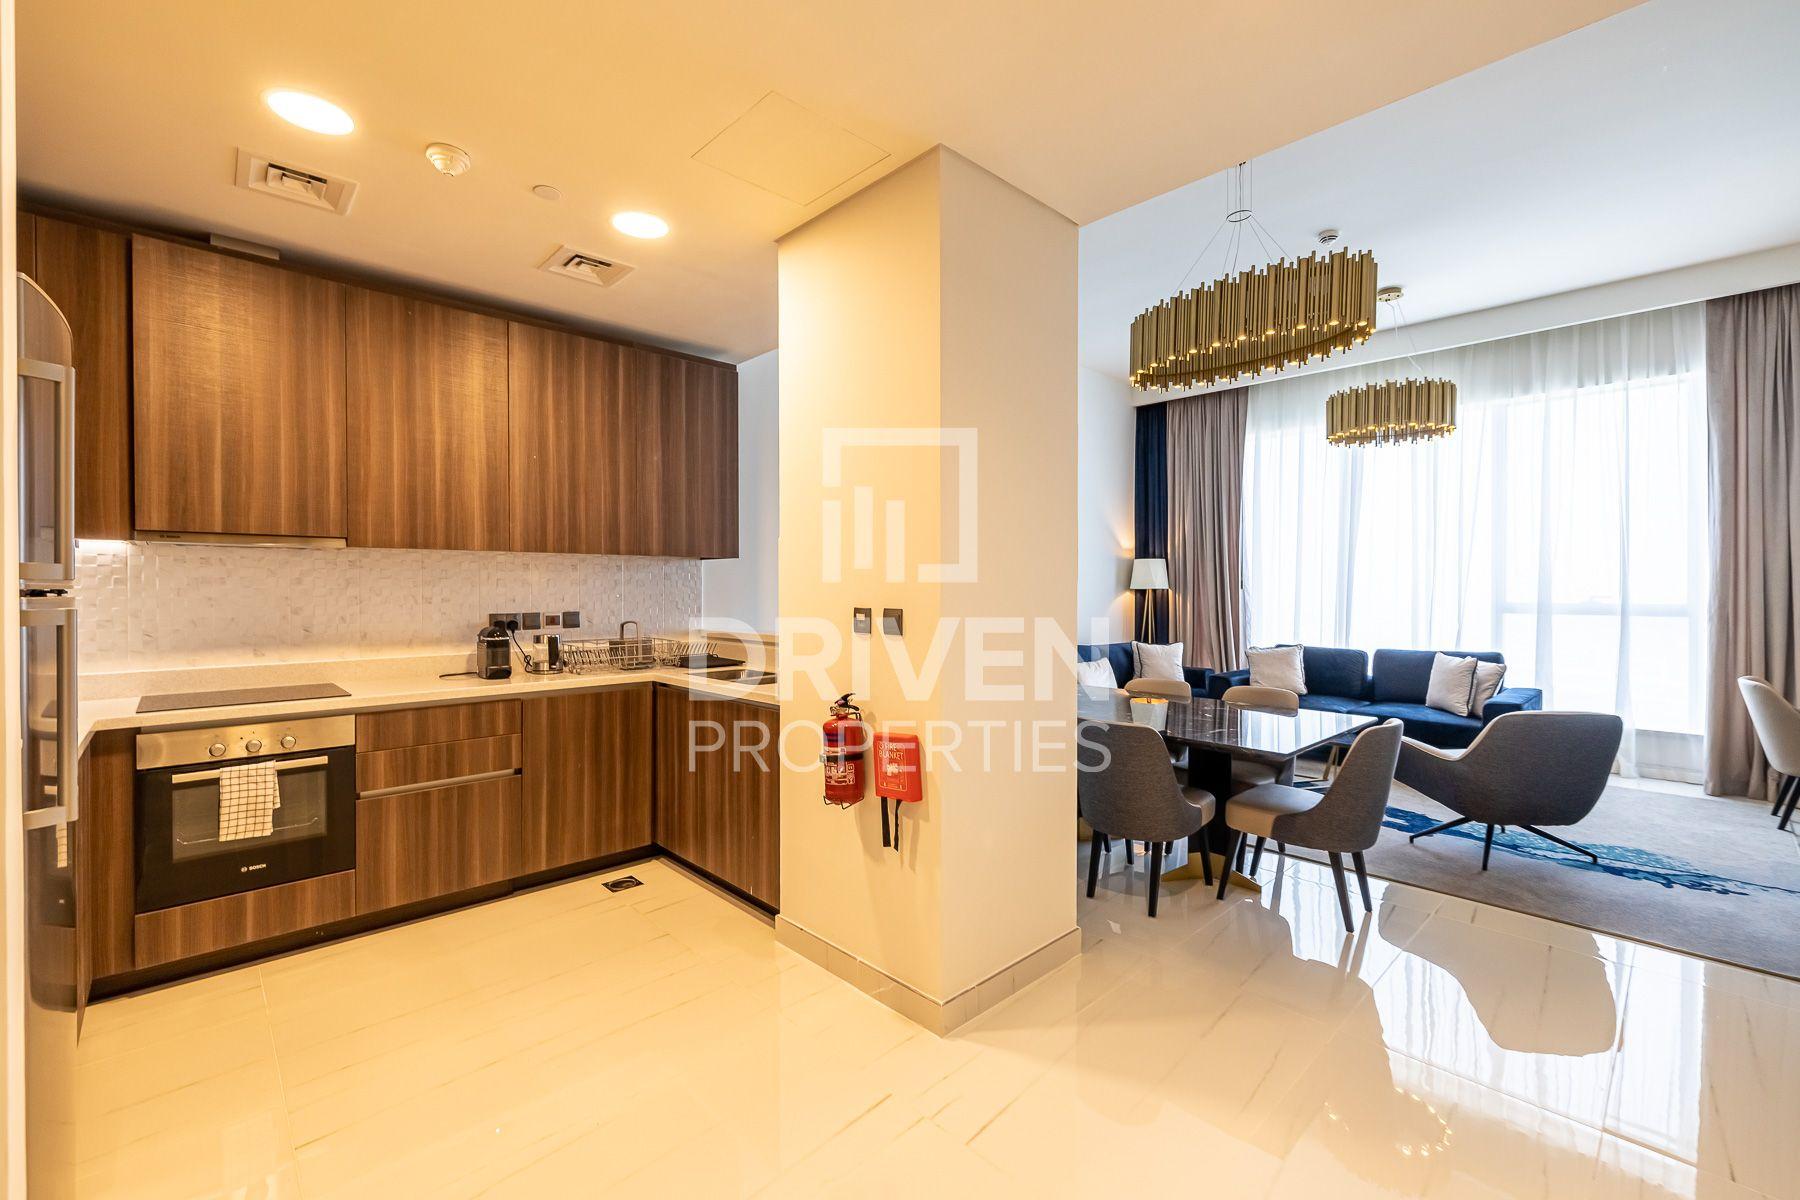 1,536 قدم مربع  شقة - للايجار - مدينة دبي الإعلامية